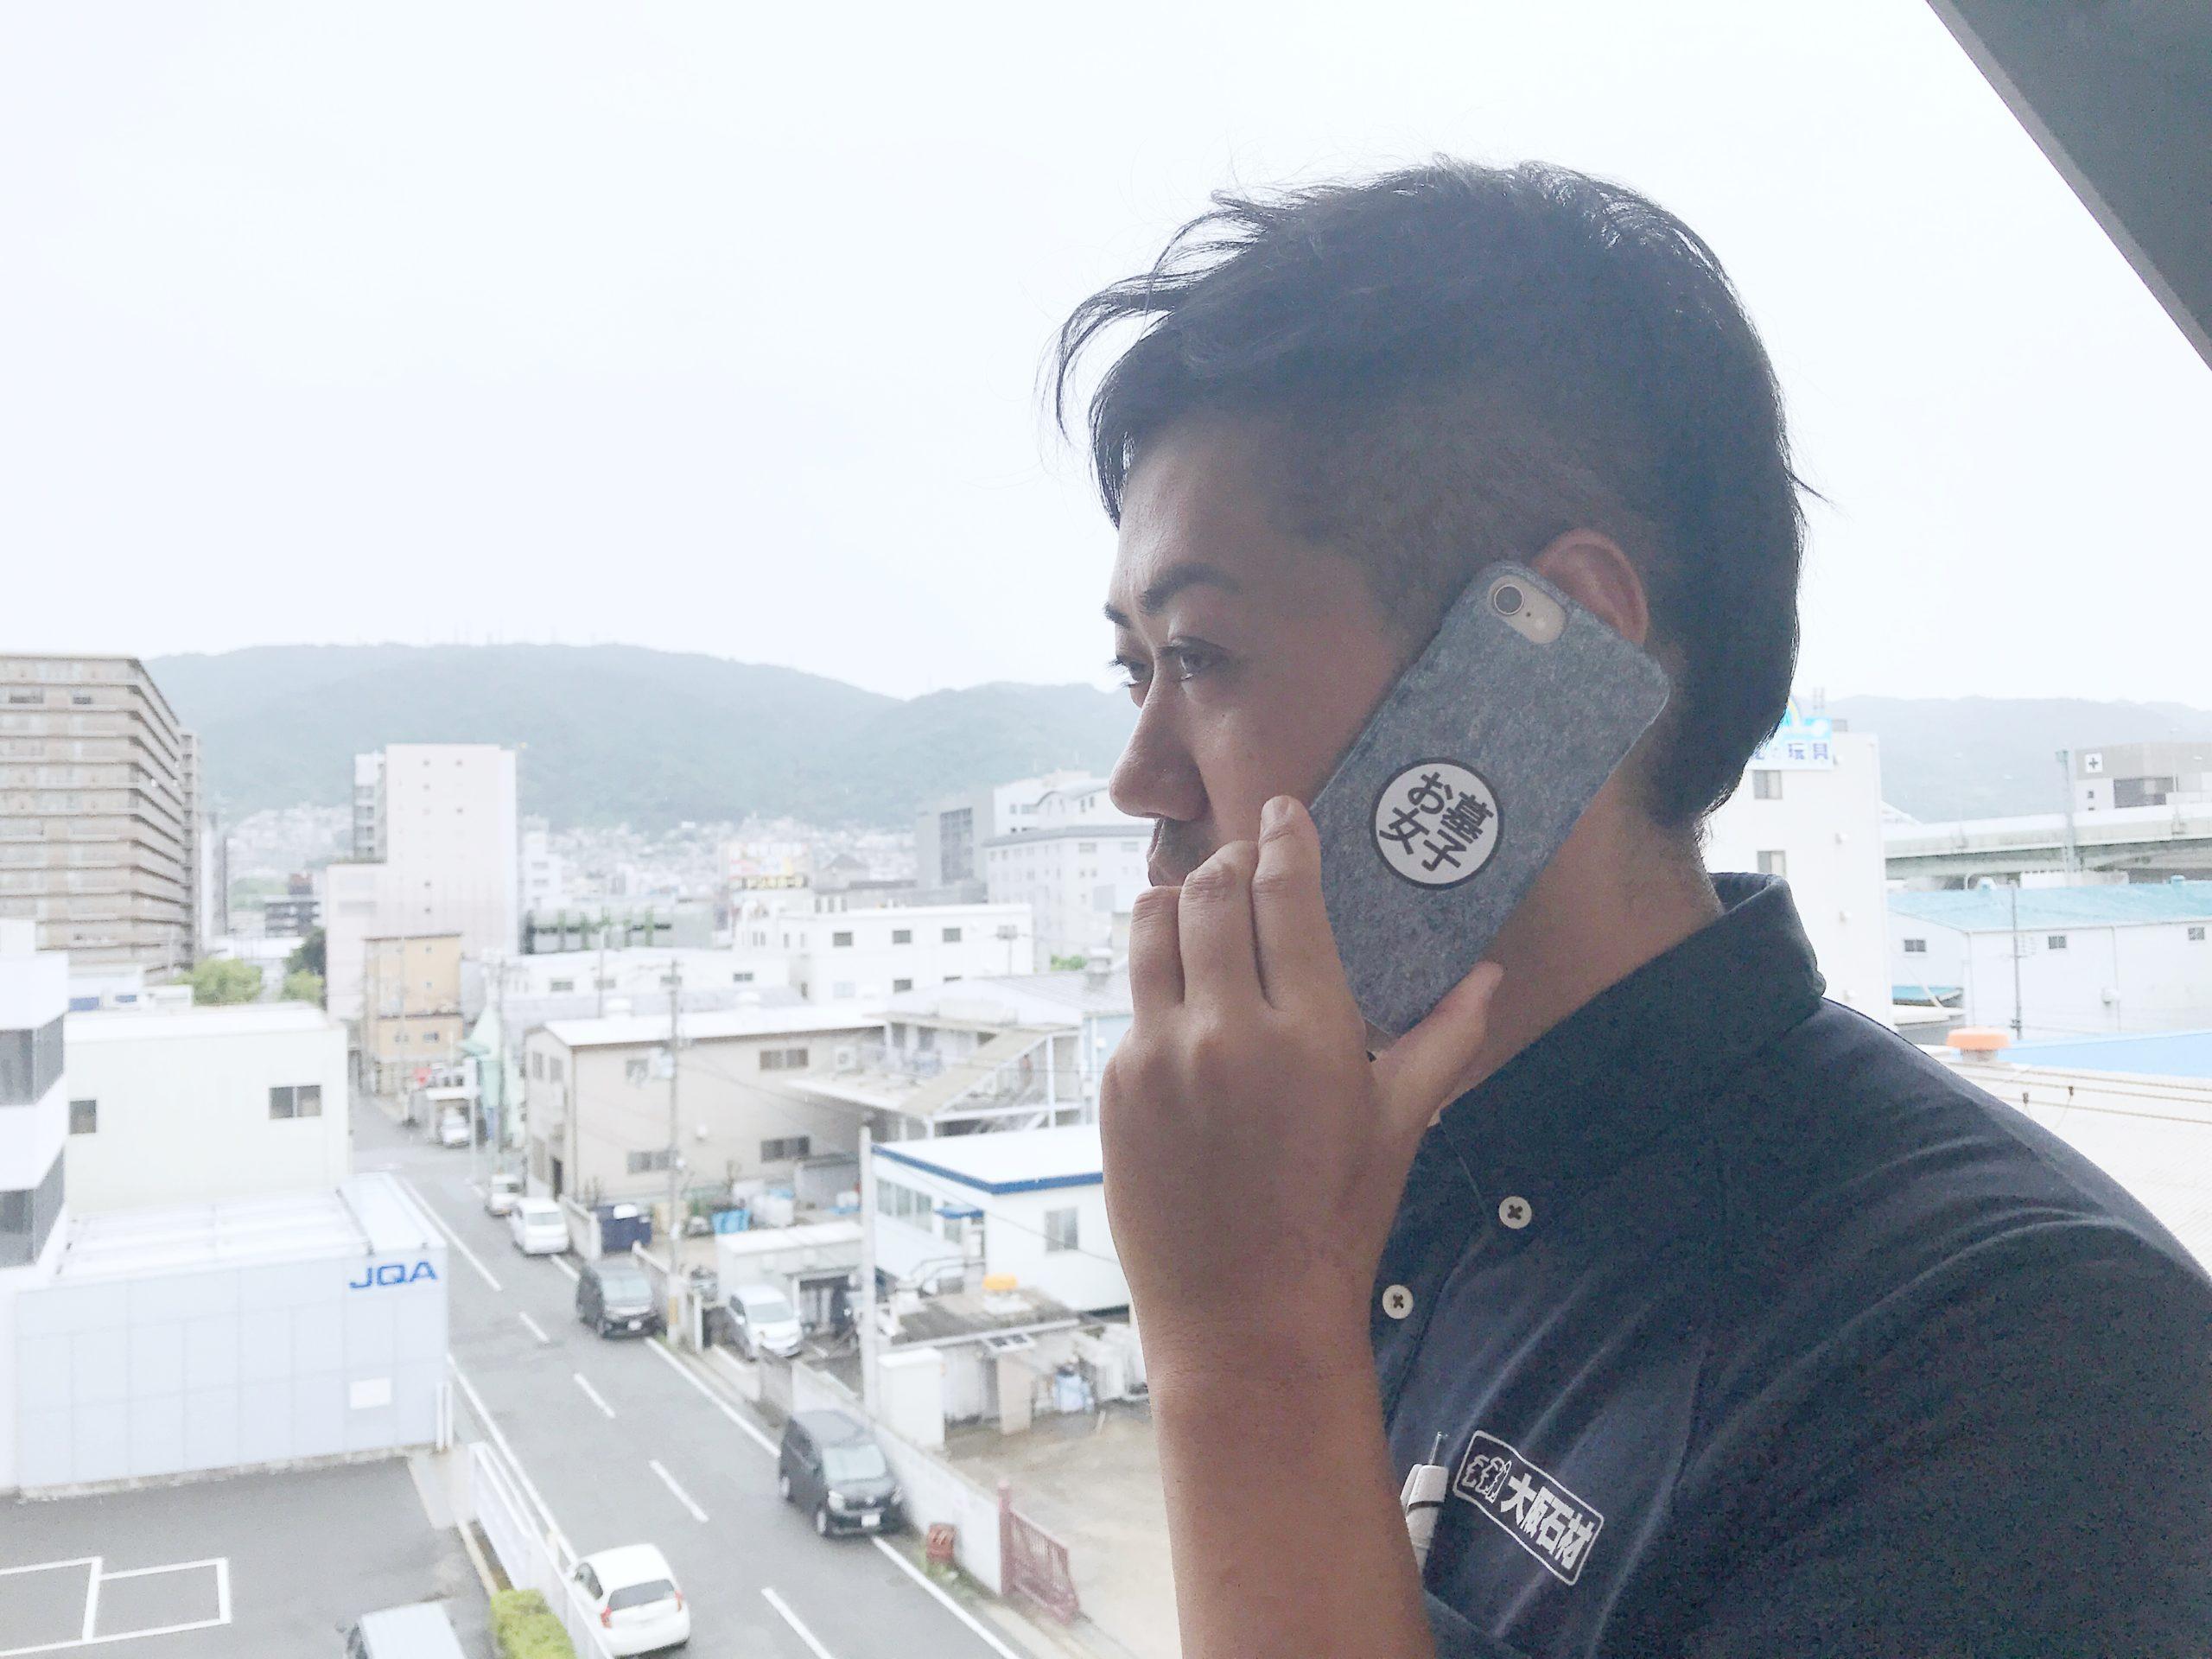 庵治石細目の柄のiPhoneケース